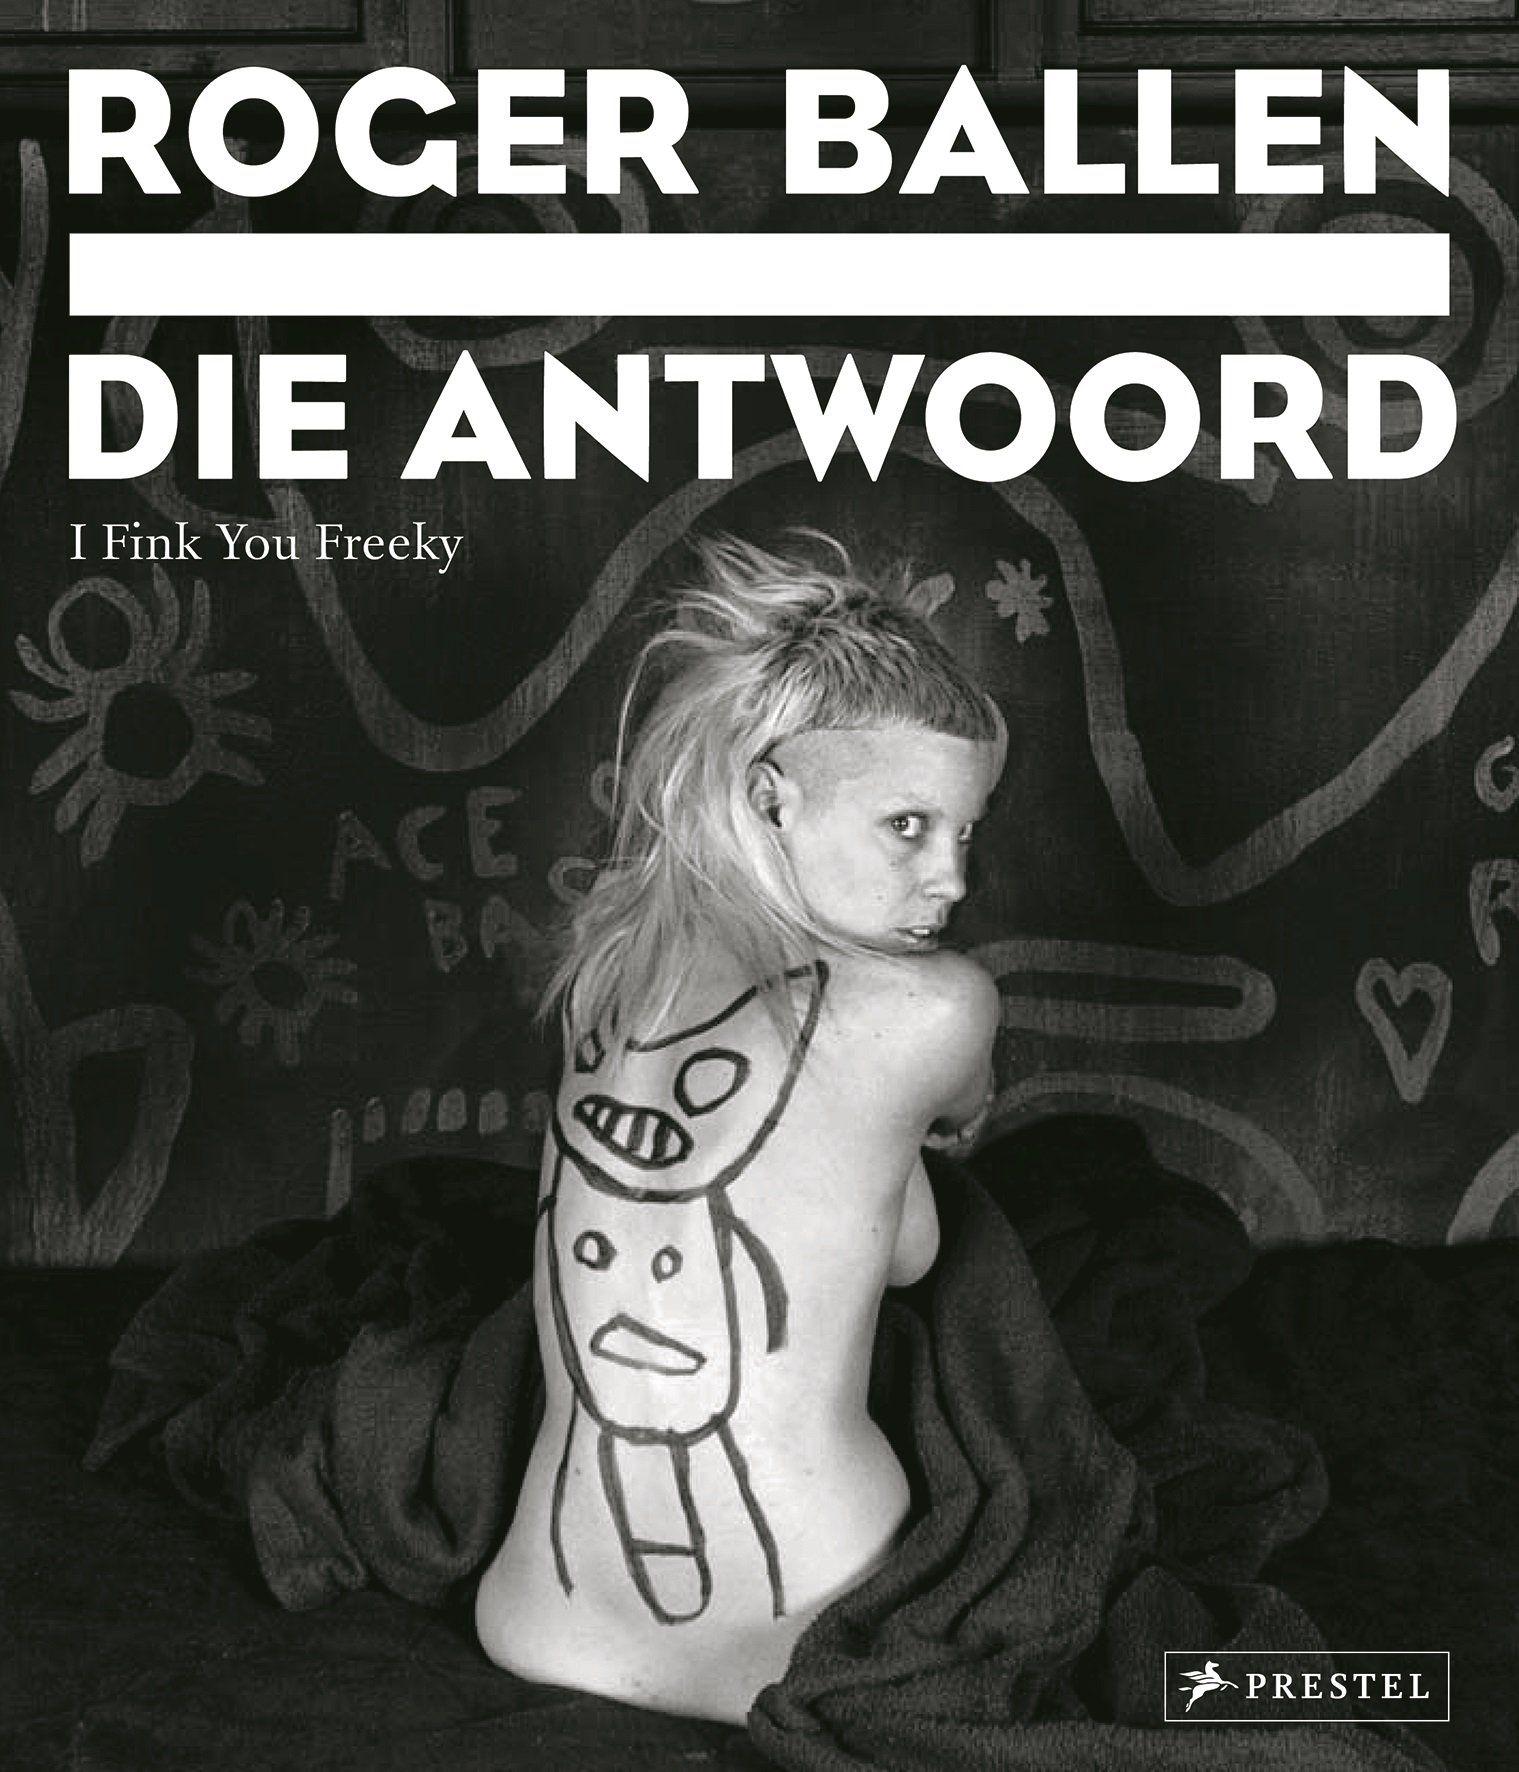 Roger Ballen Die Antwoord I Fink You Freeky /Anglais: Amazon.es: Ballen Roger/Subler: Libros en idiomas extranjeros